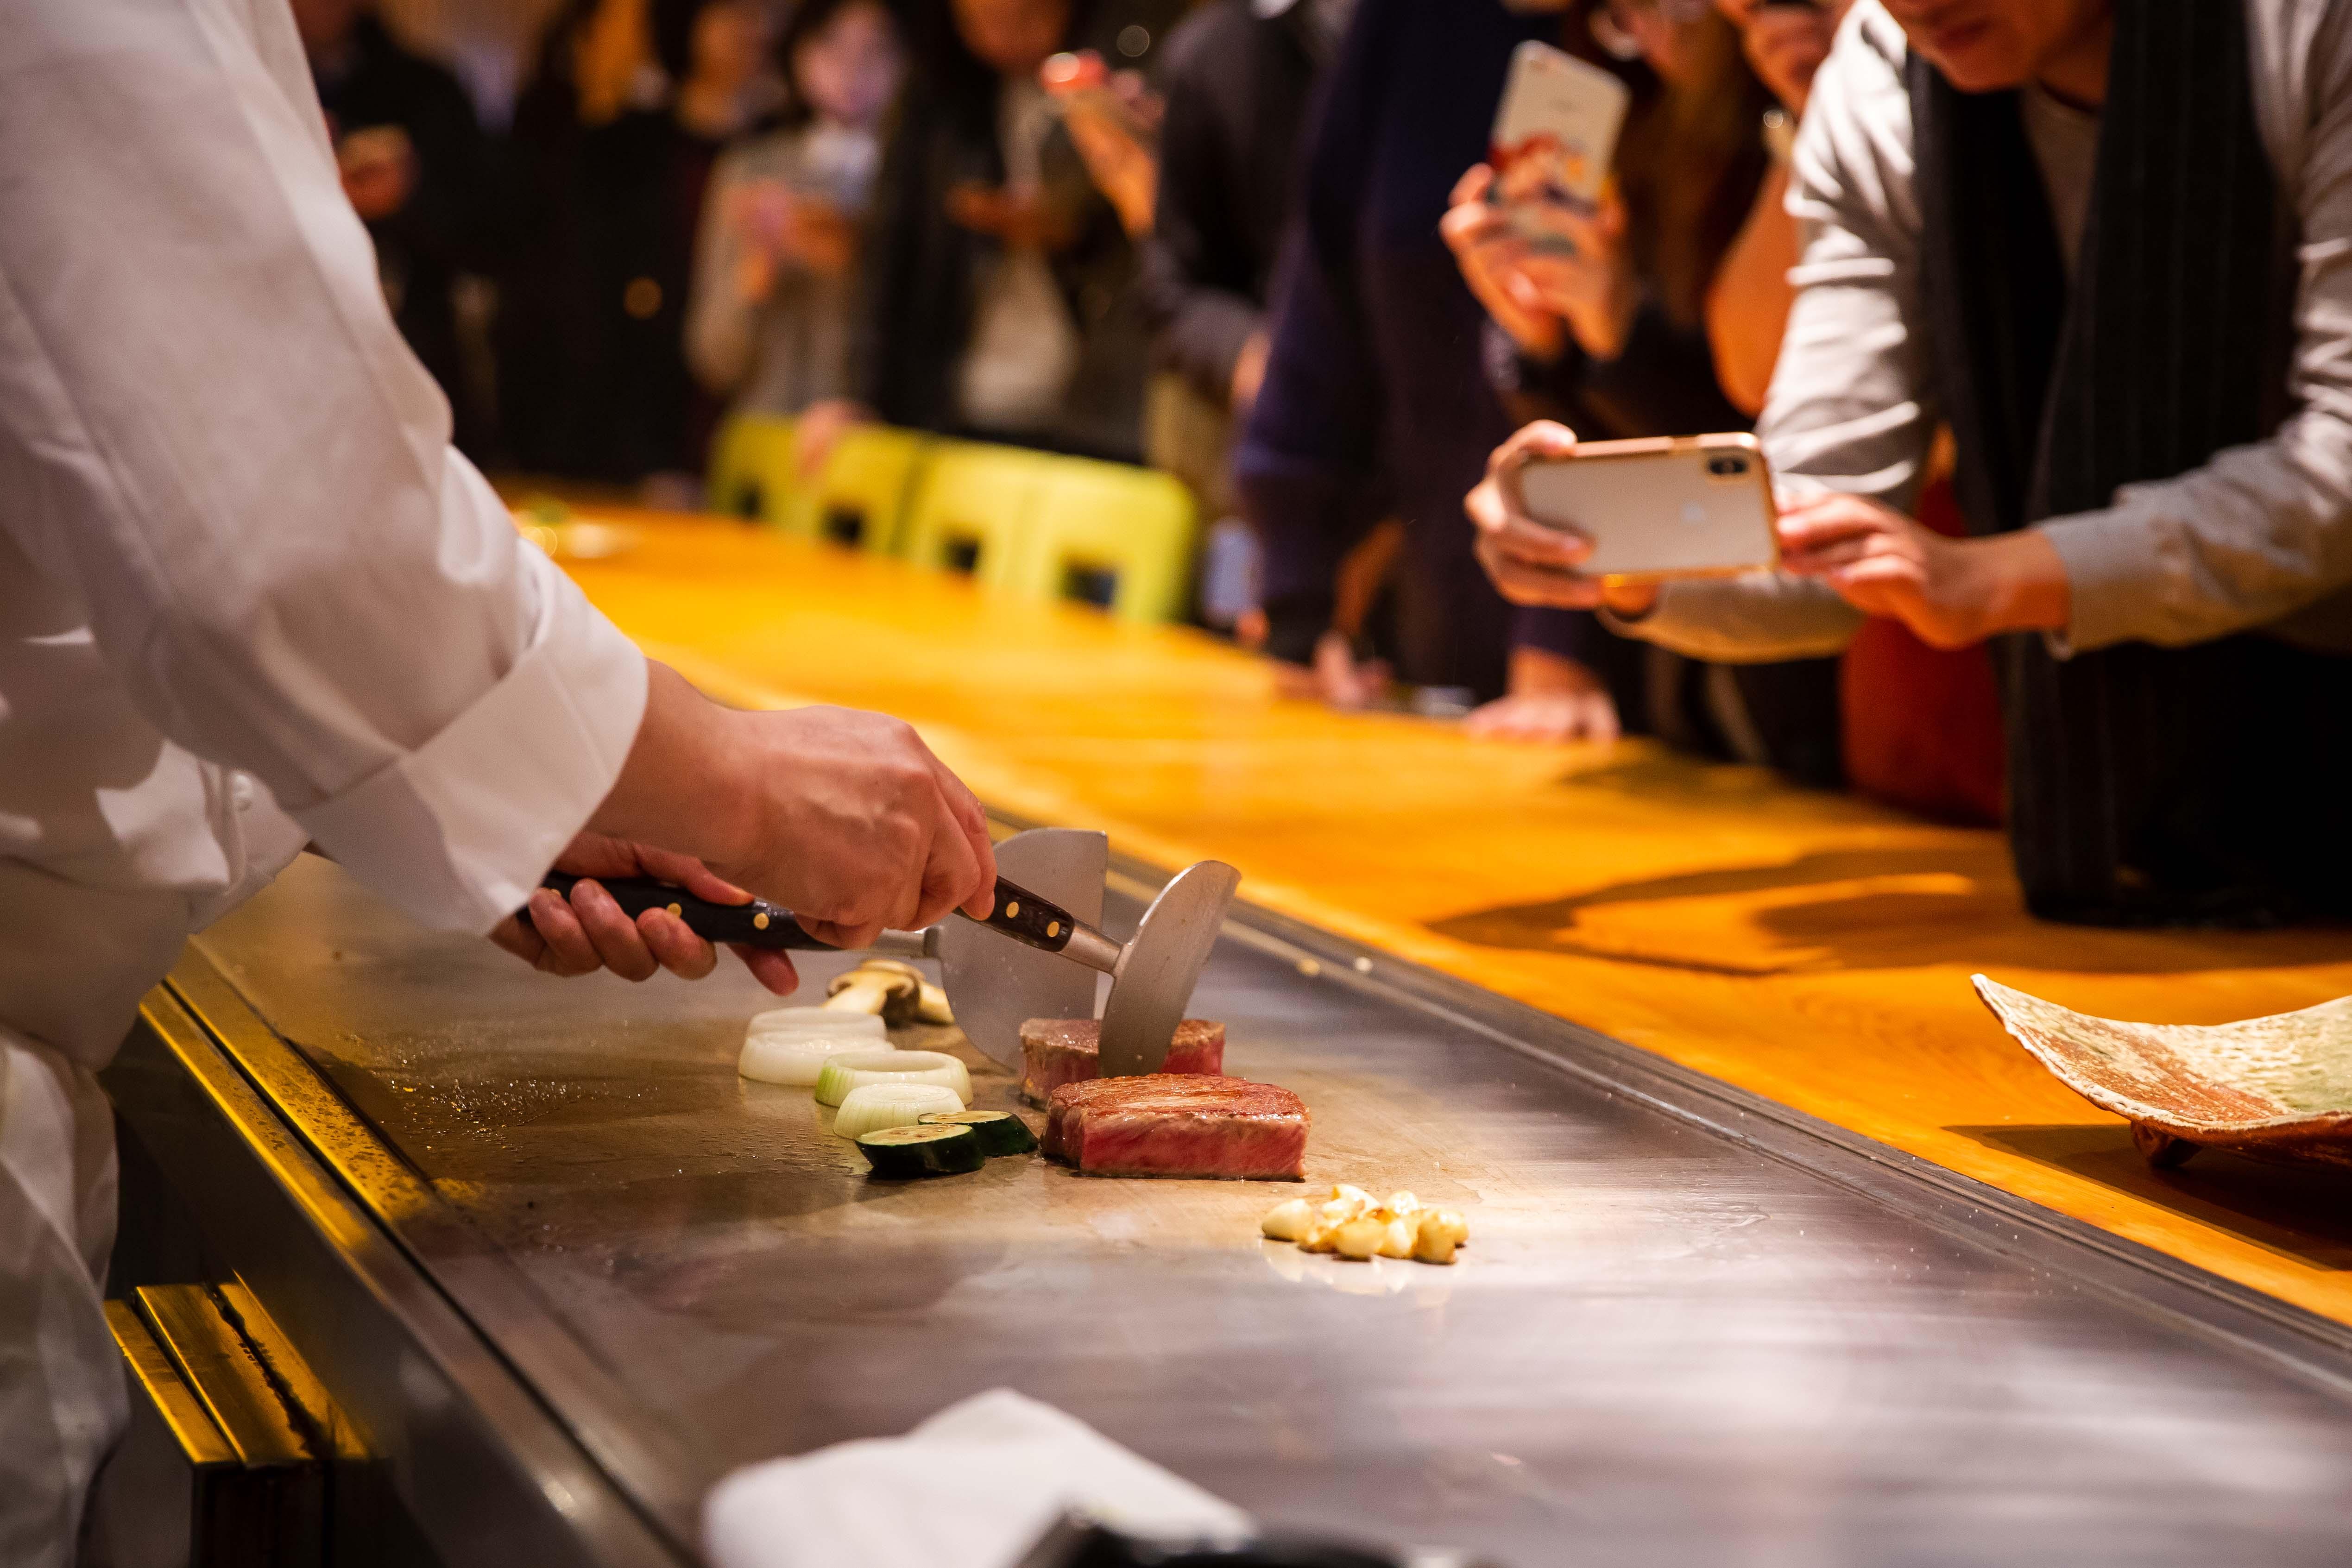 台北美福大飯店 佐賀和牛宴記者會 鐵板套餐主菜 下山昭男總料理長 料理示範1